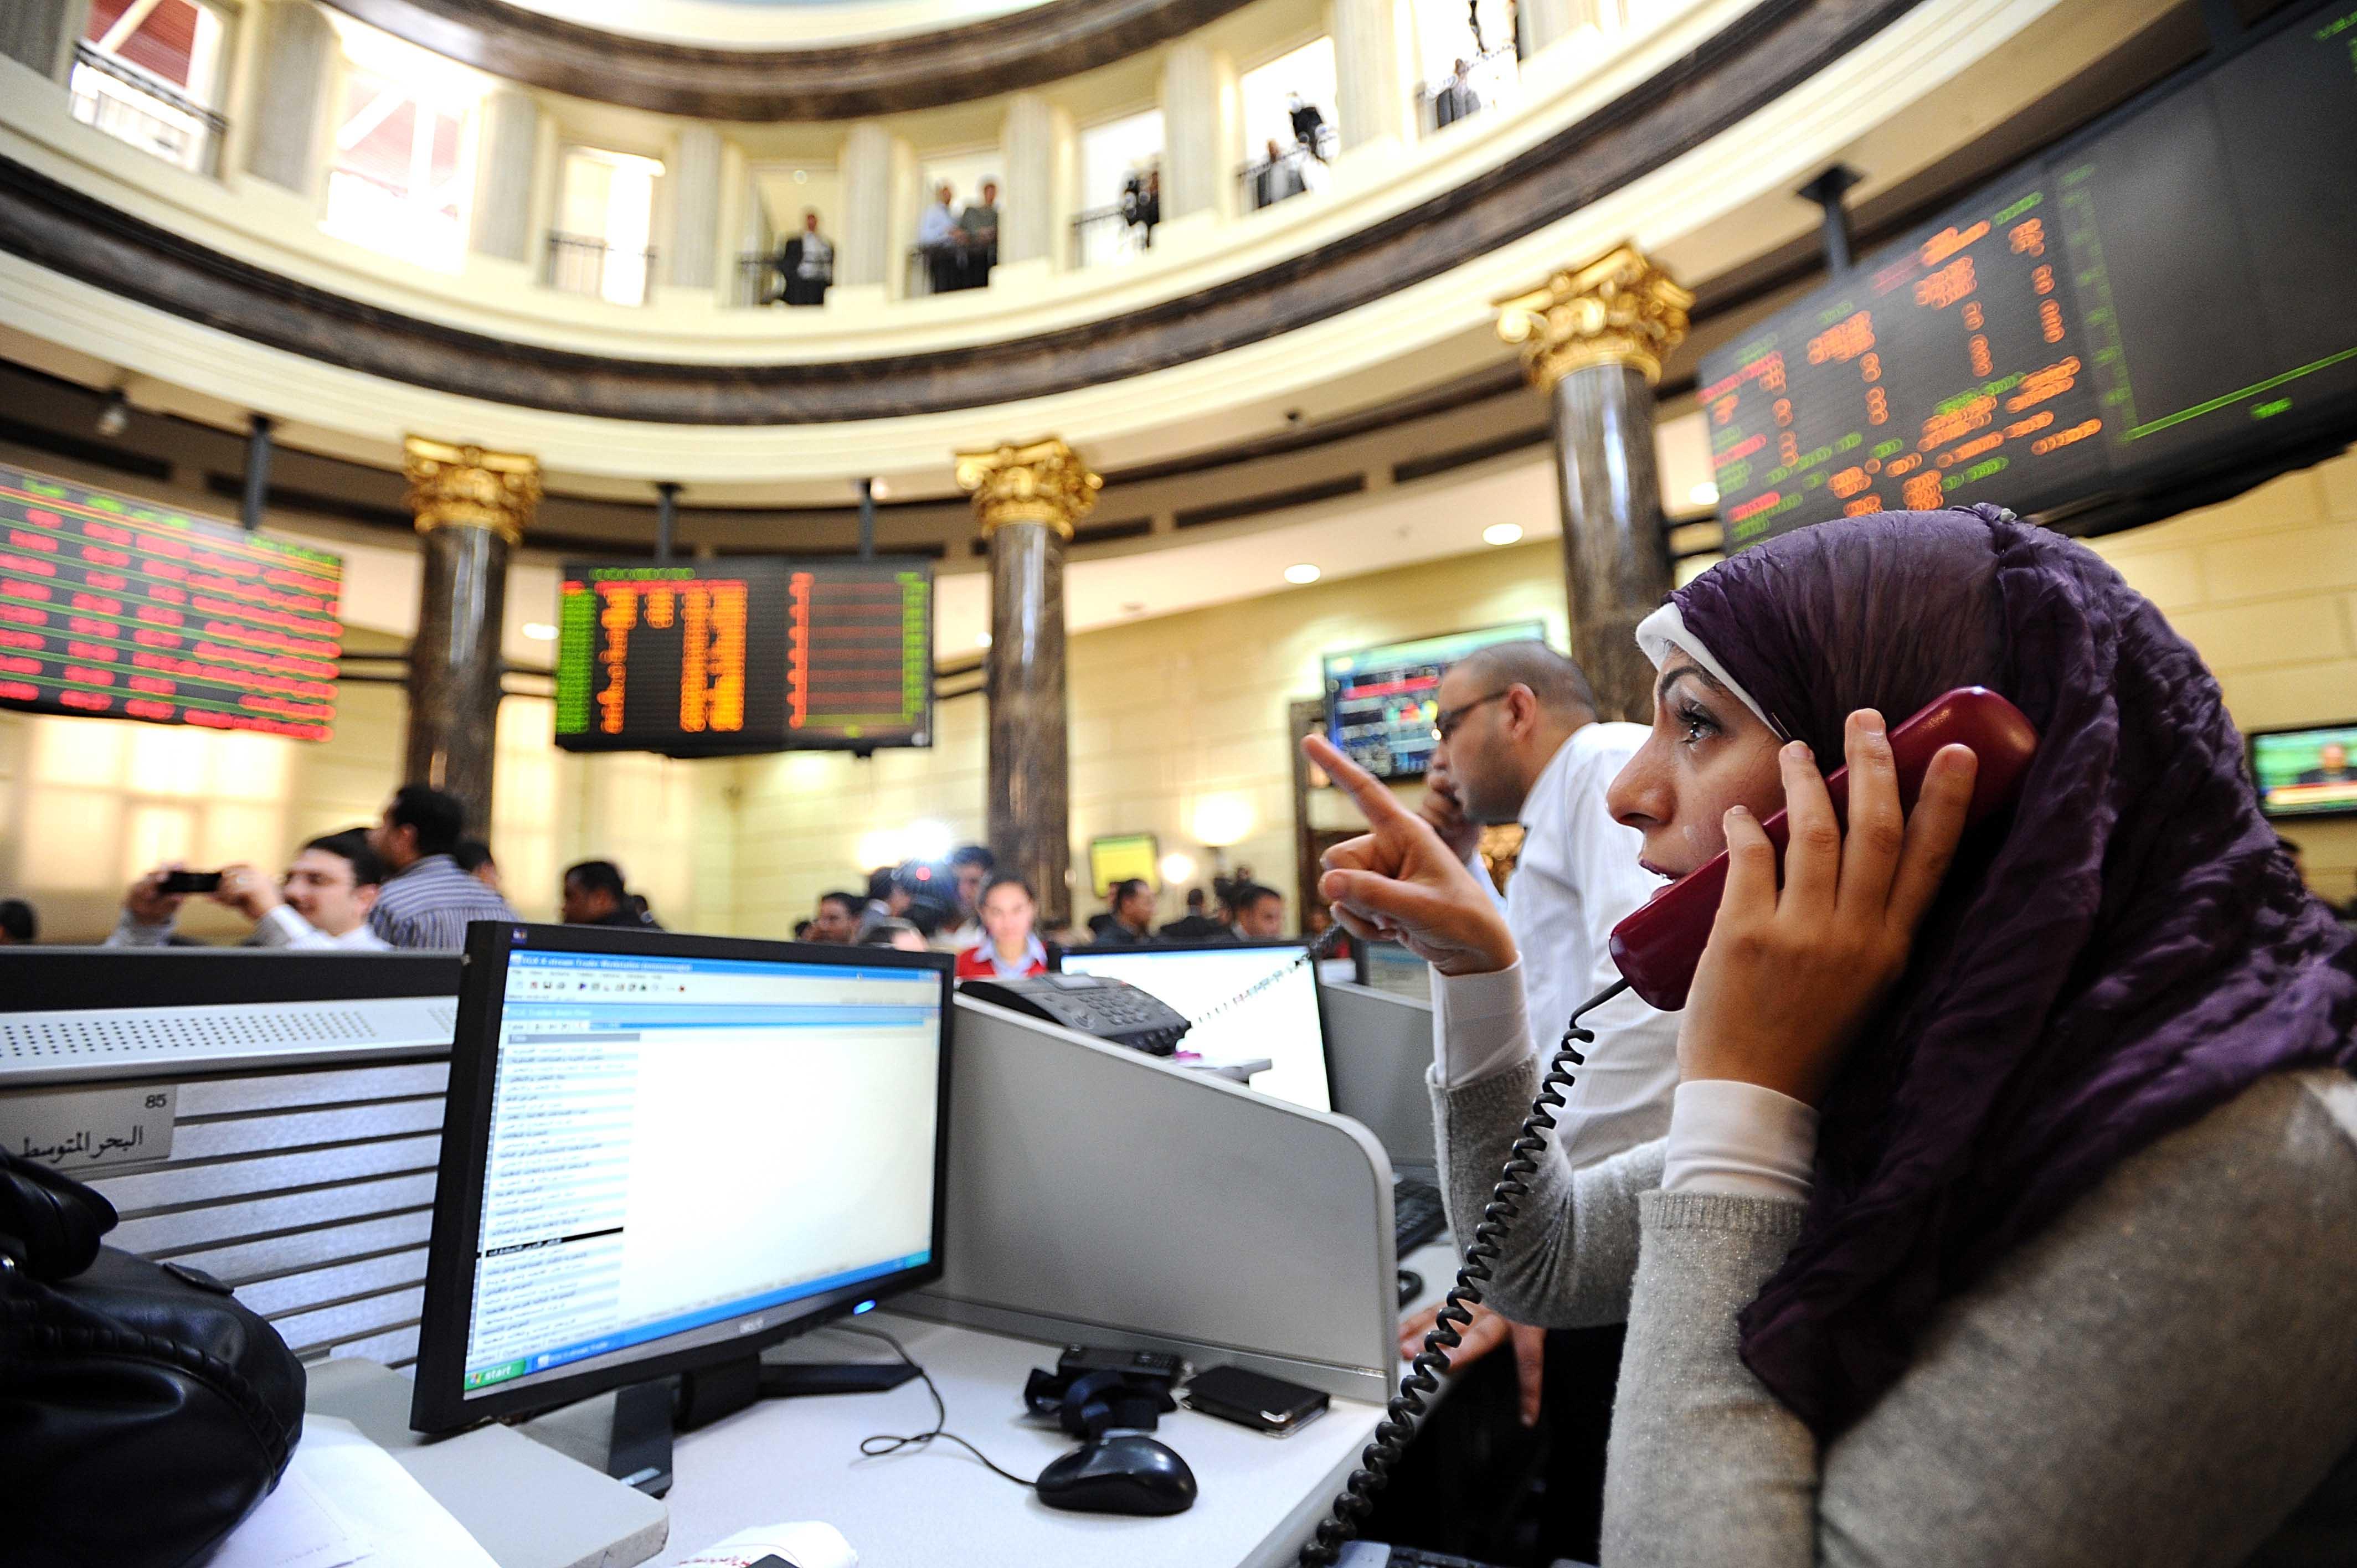 البورصة تربح 16.5 مليار جنيه بختام التعاملات.. والمؤشر يتخطى 10آلاف نقطة